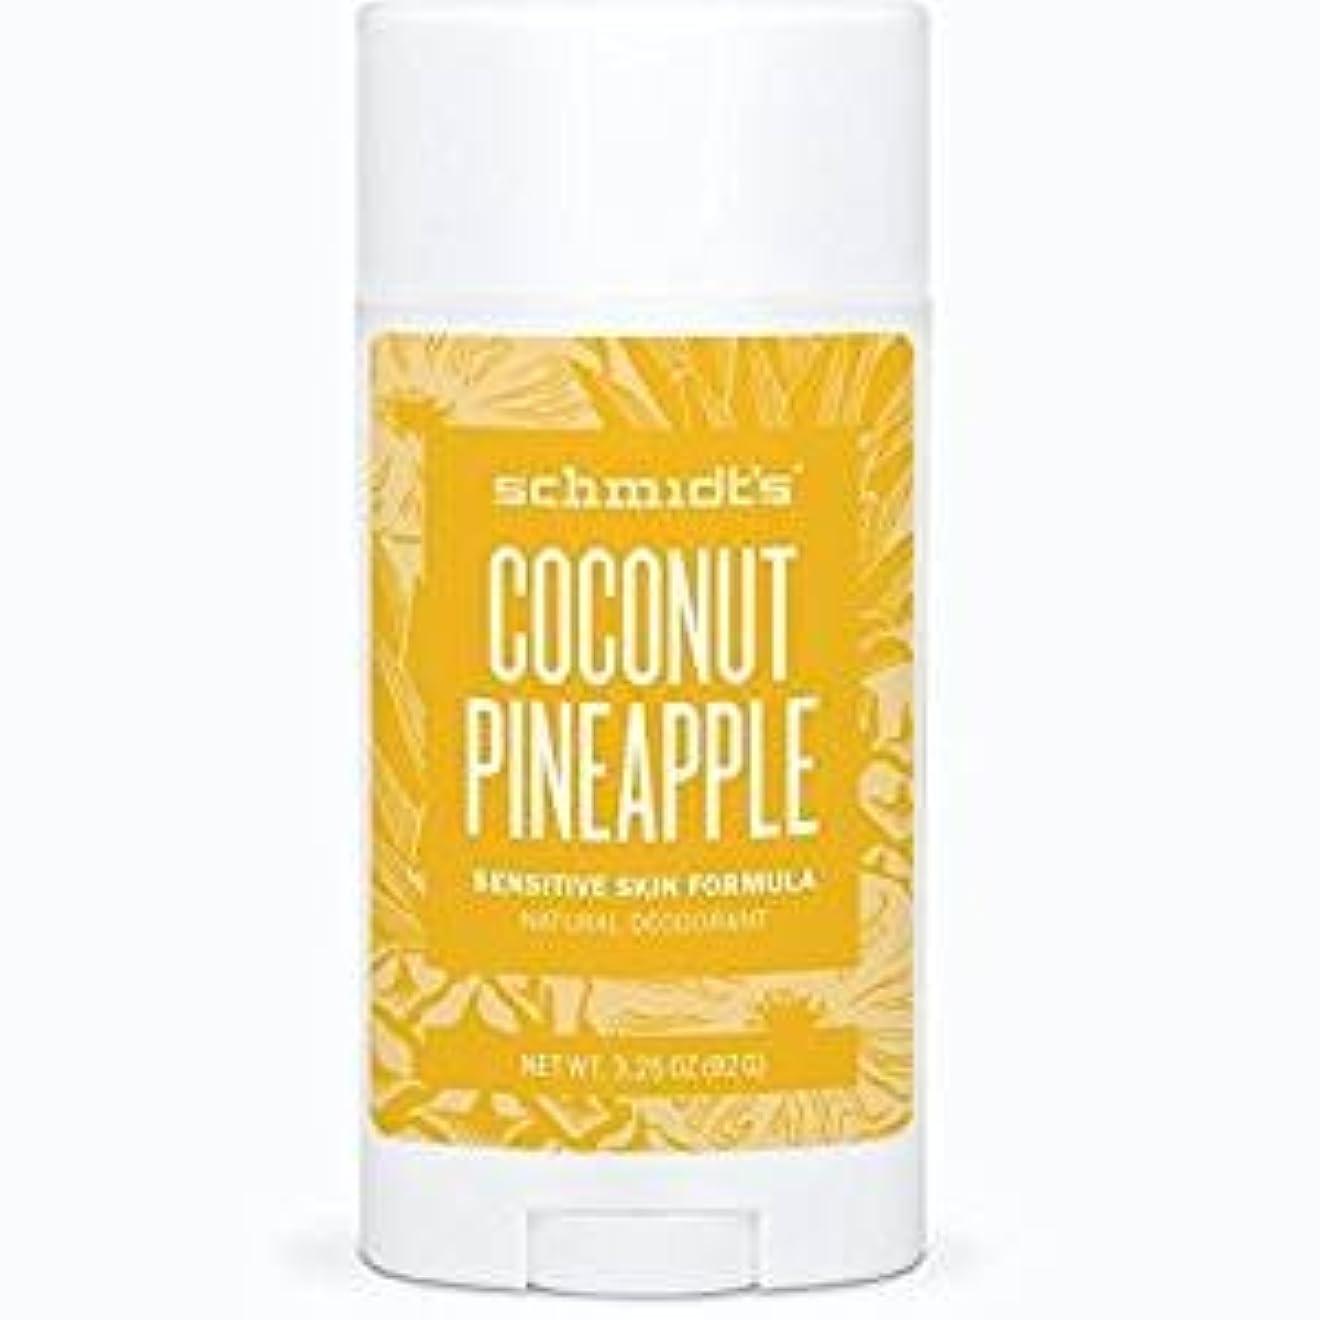 ラジカルボウル経度Schmidt's Sensitive Skin Deodorant Stick_Coconut Pineapple 3.25 oz シュミッツ デオドラント センシティブスキン ココナツパイナップル92 g [並行輸入品]